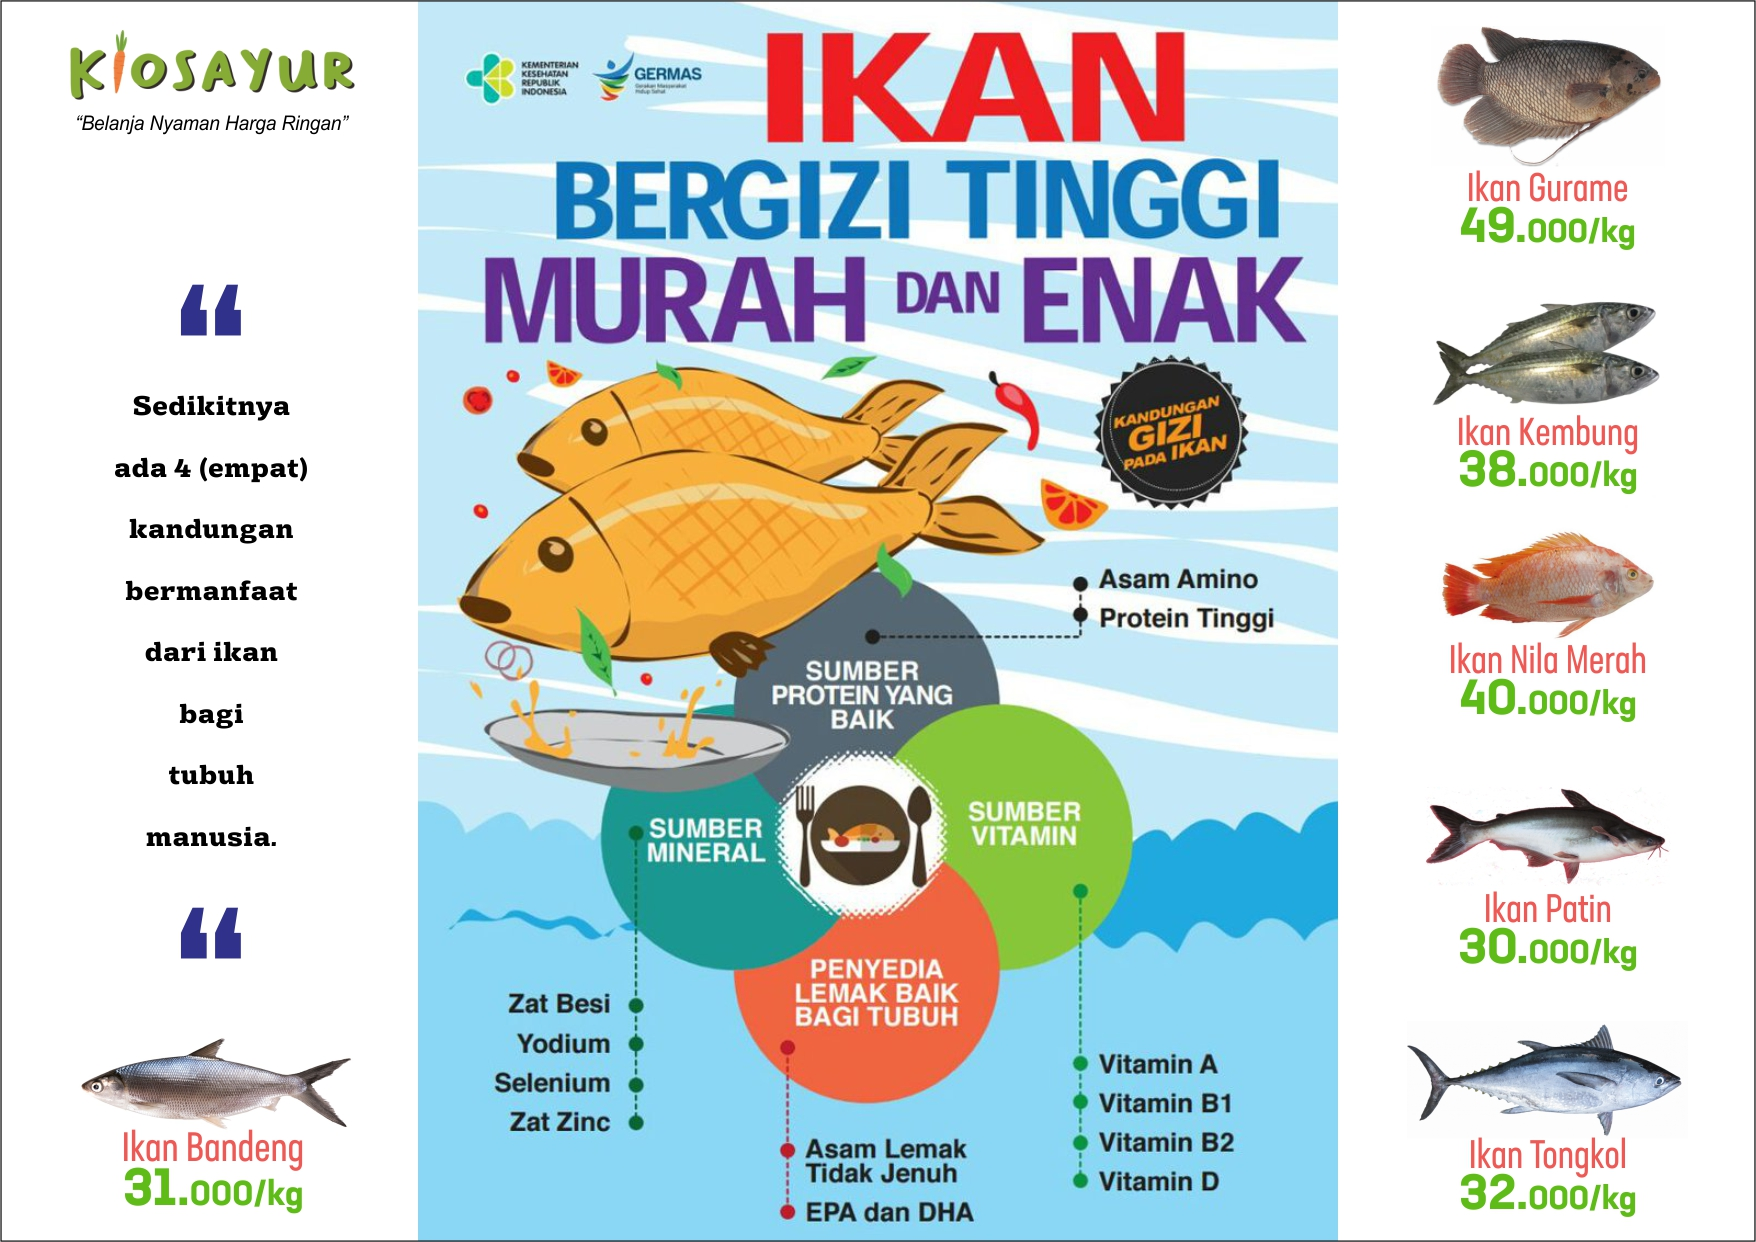 Ikan bergizi tinggi murah dan enak